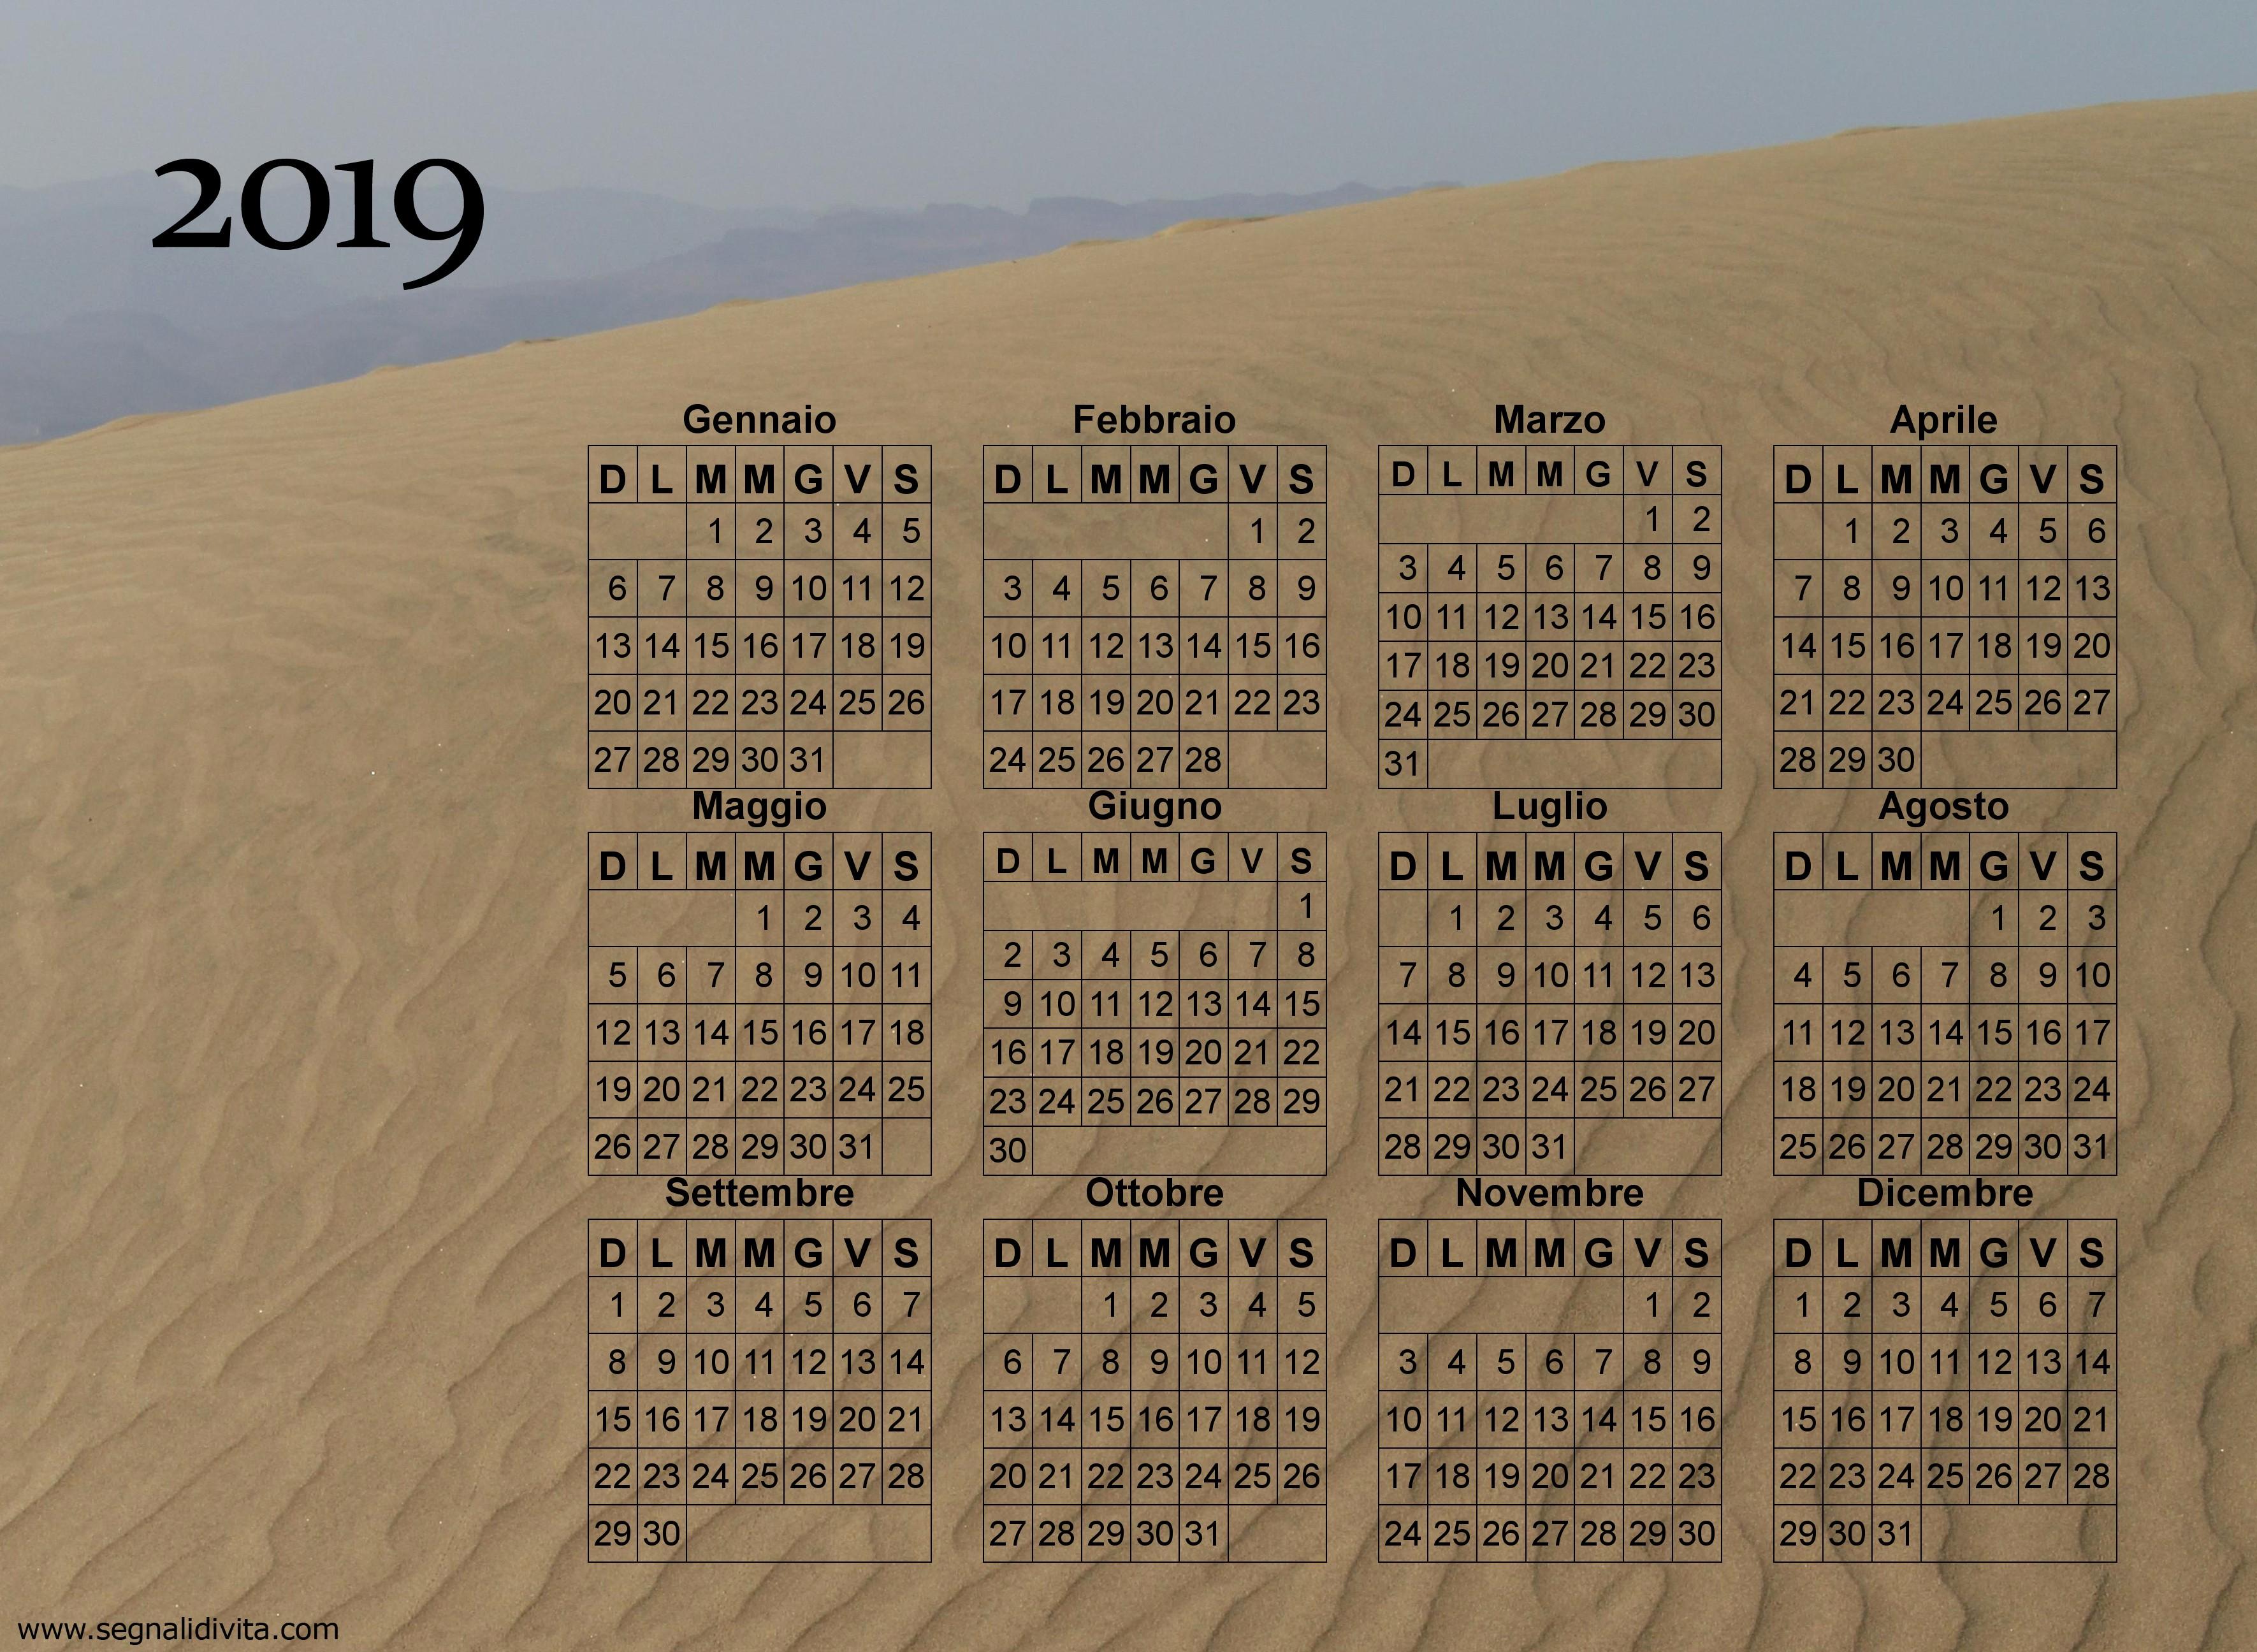 1997 Calendario 2019 Calendario Fotografico Da Stampare Del 2019